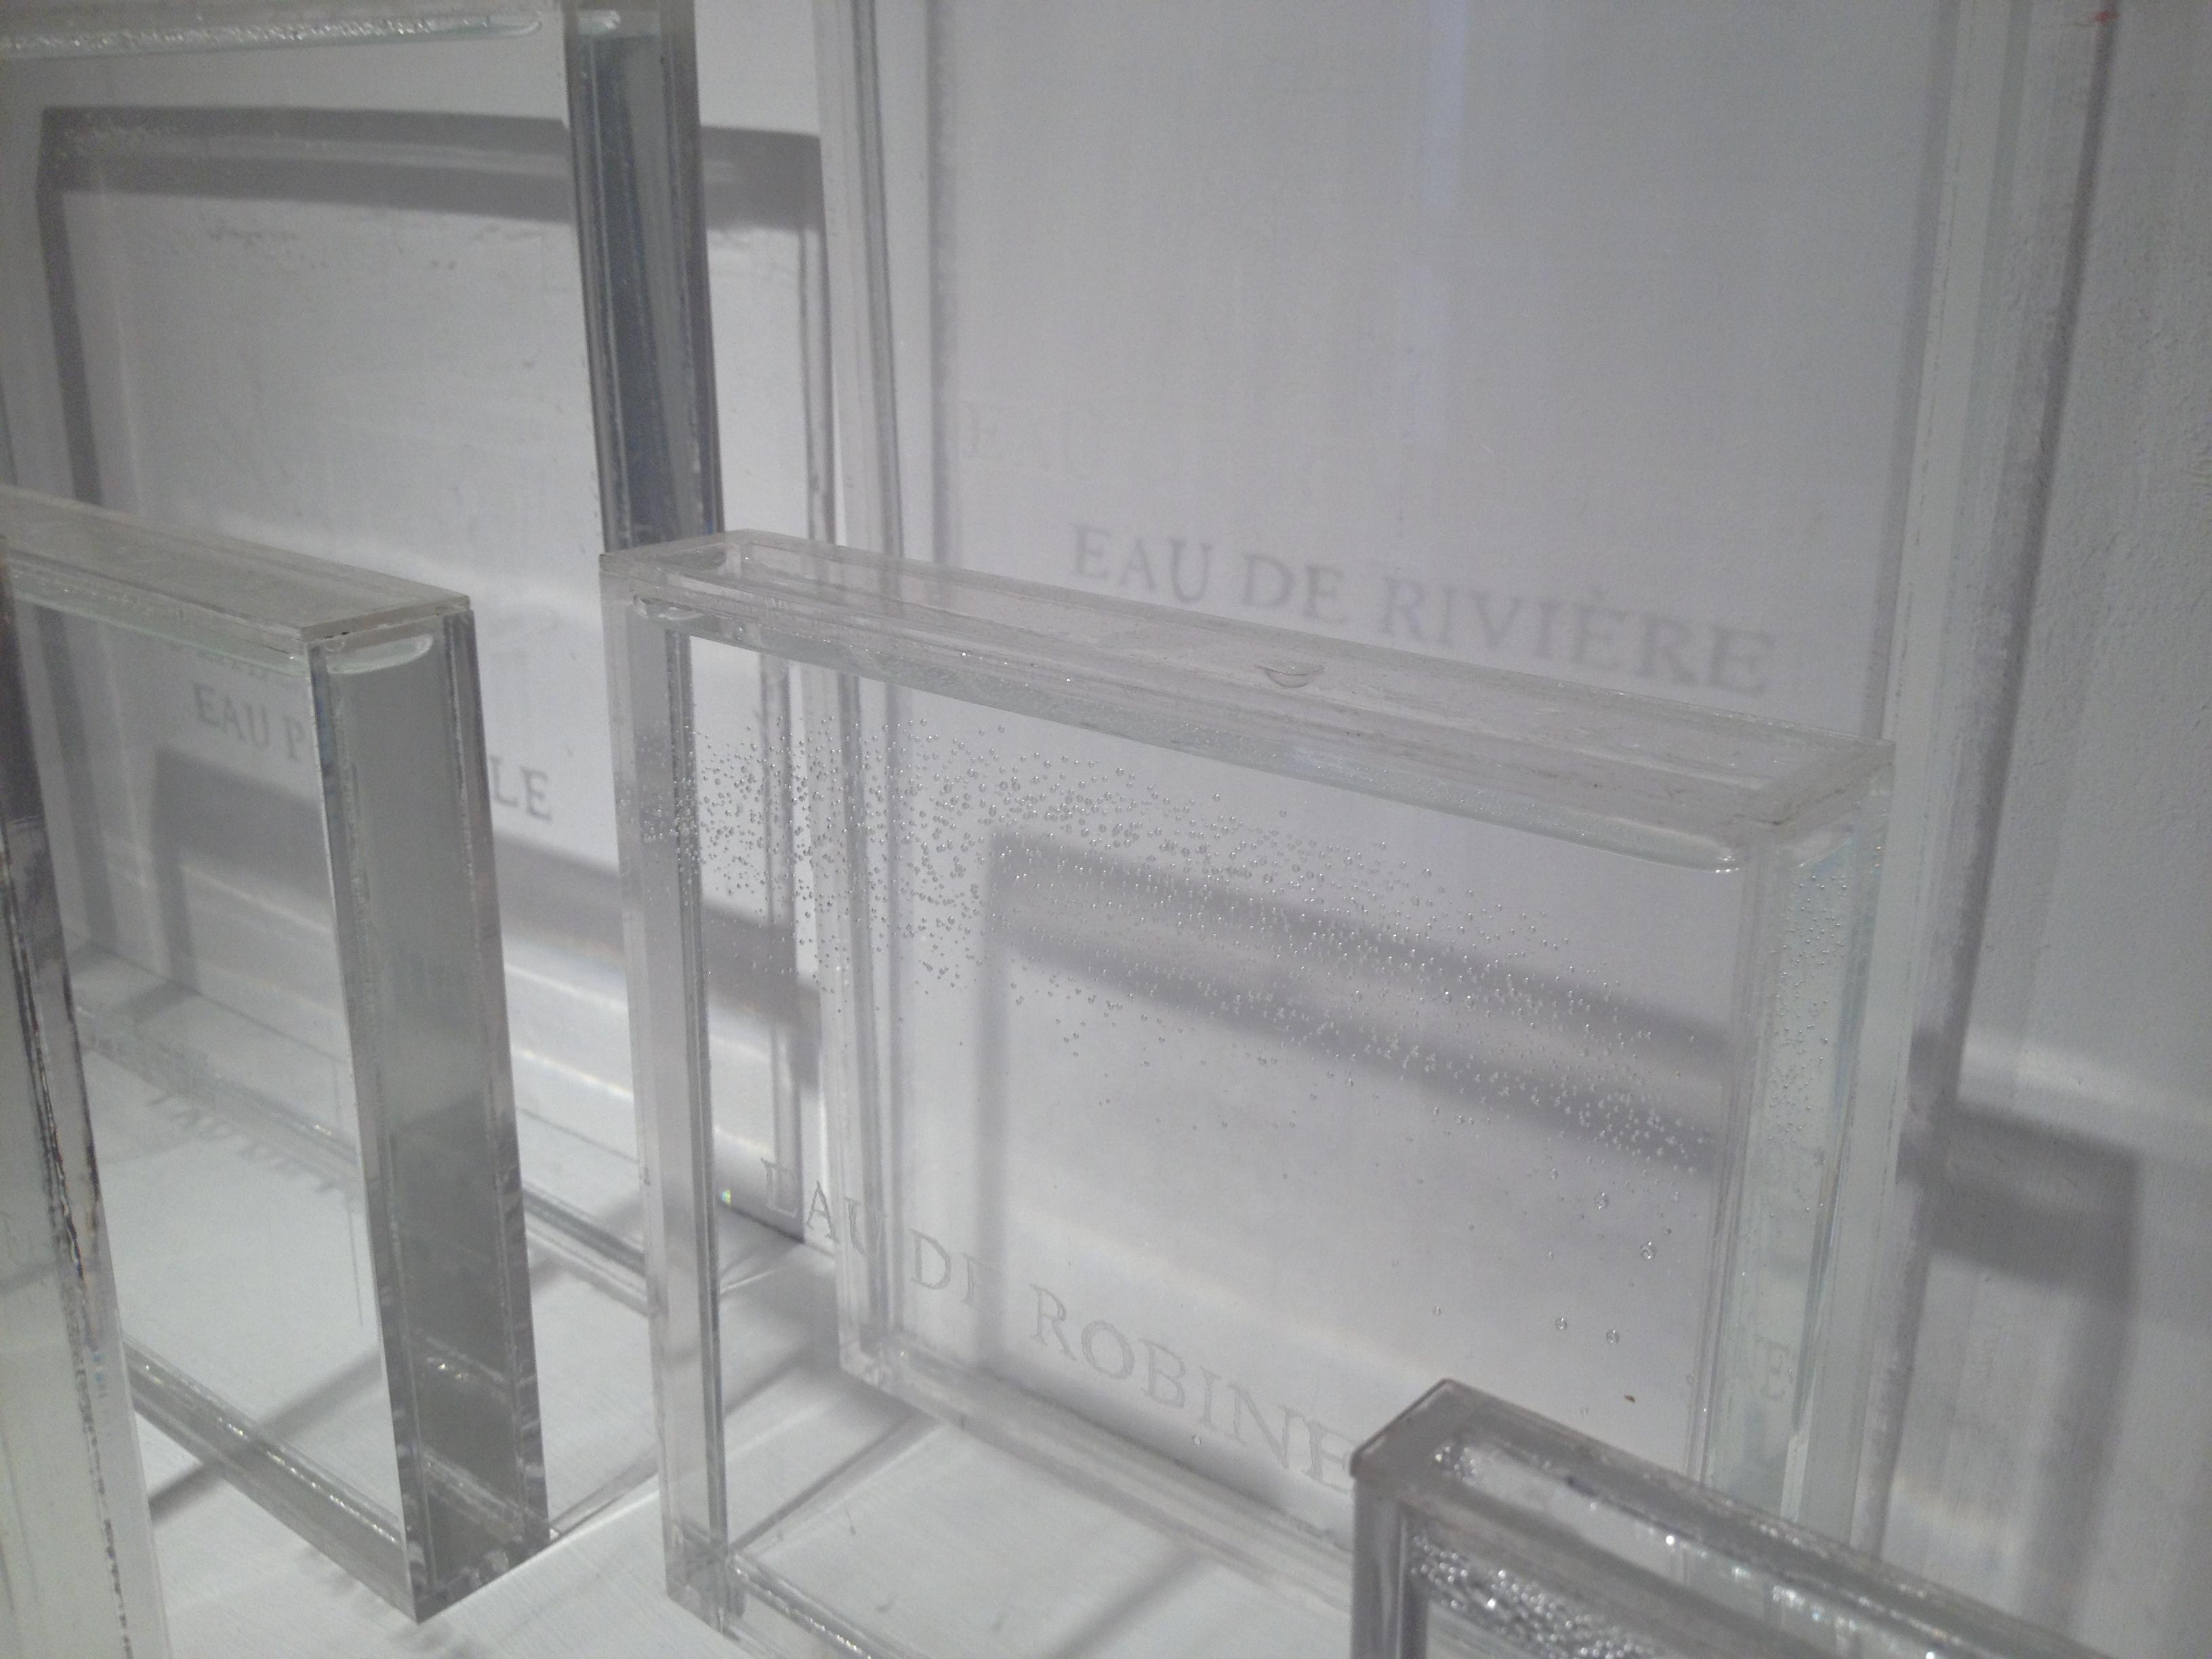 Jeannette Betancourt, Rabat/Salé, 2013. Sept containers acrylique, eaux récoltées à Rabat et Salé. Copyright de l'artiste